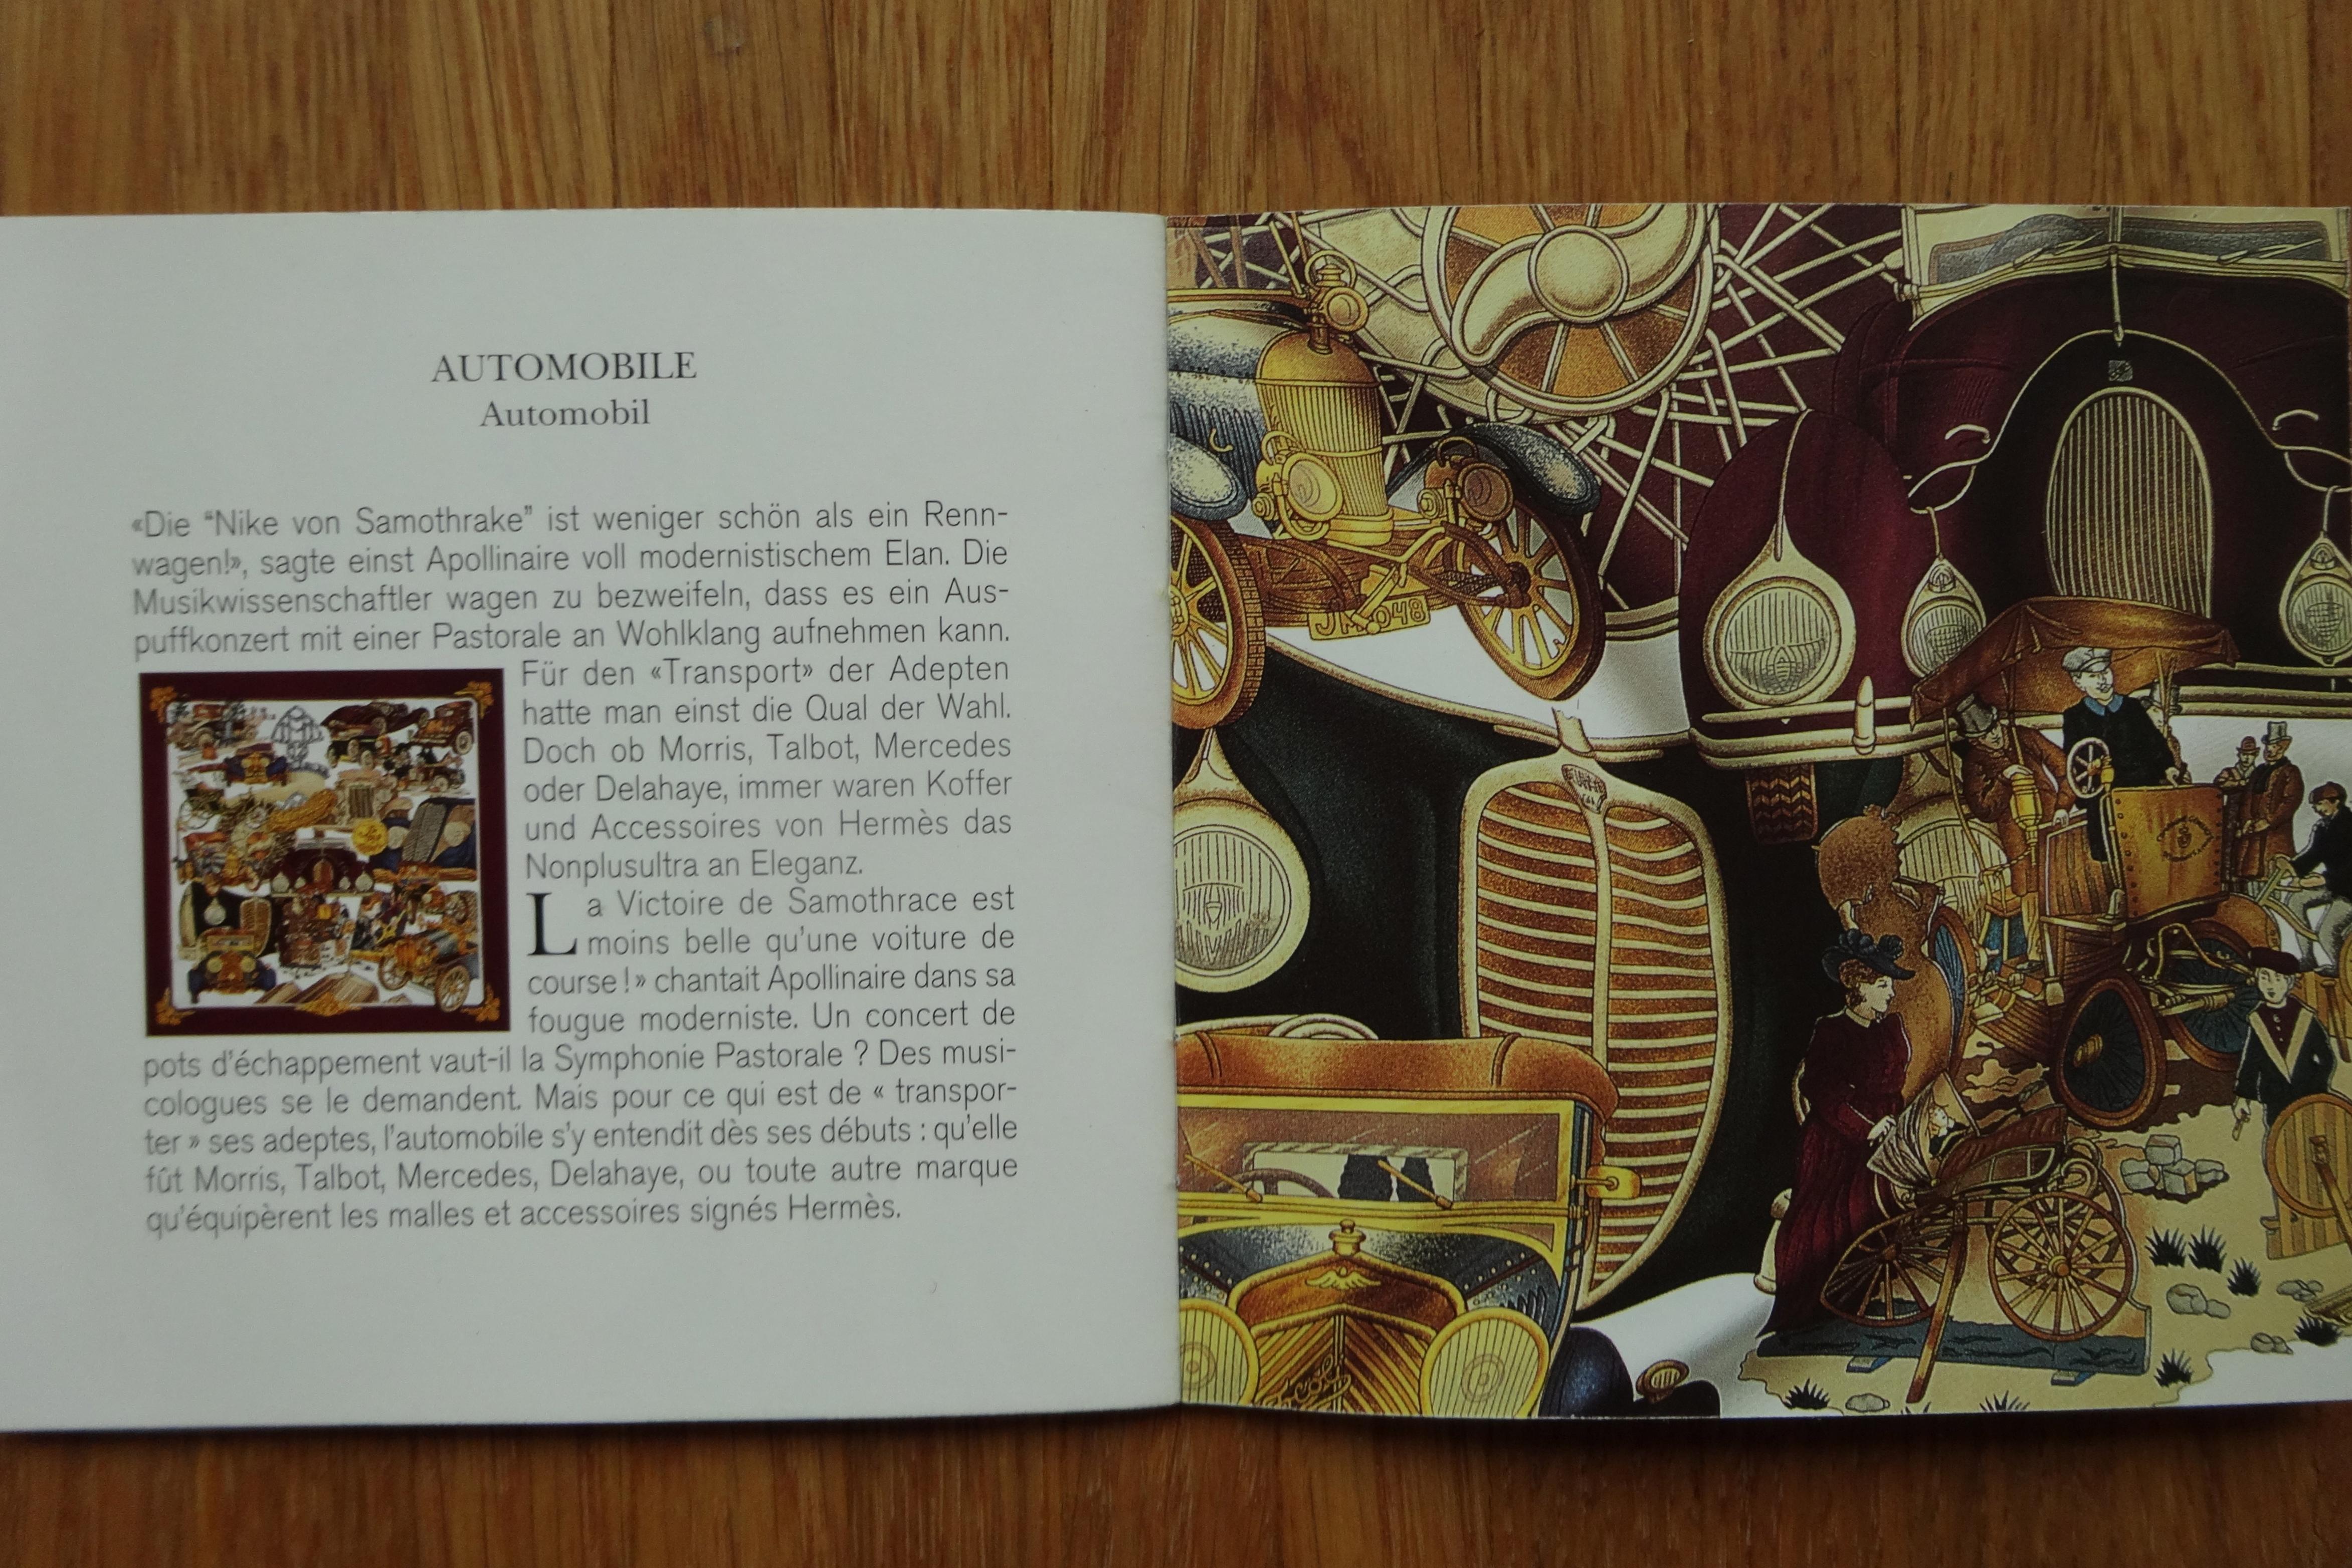 excerpt of Hermès carré booklet AUTOMOBILE